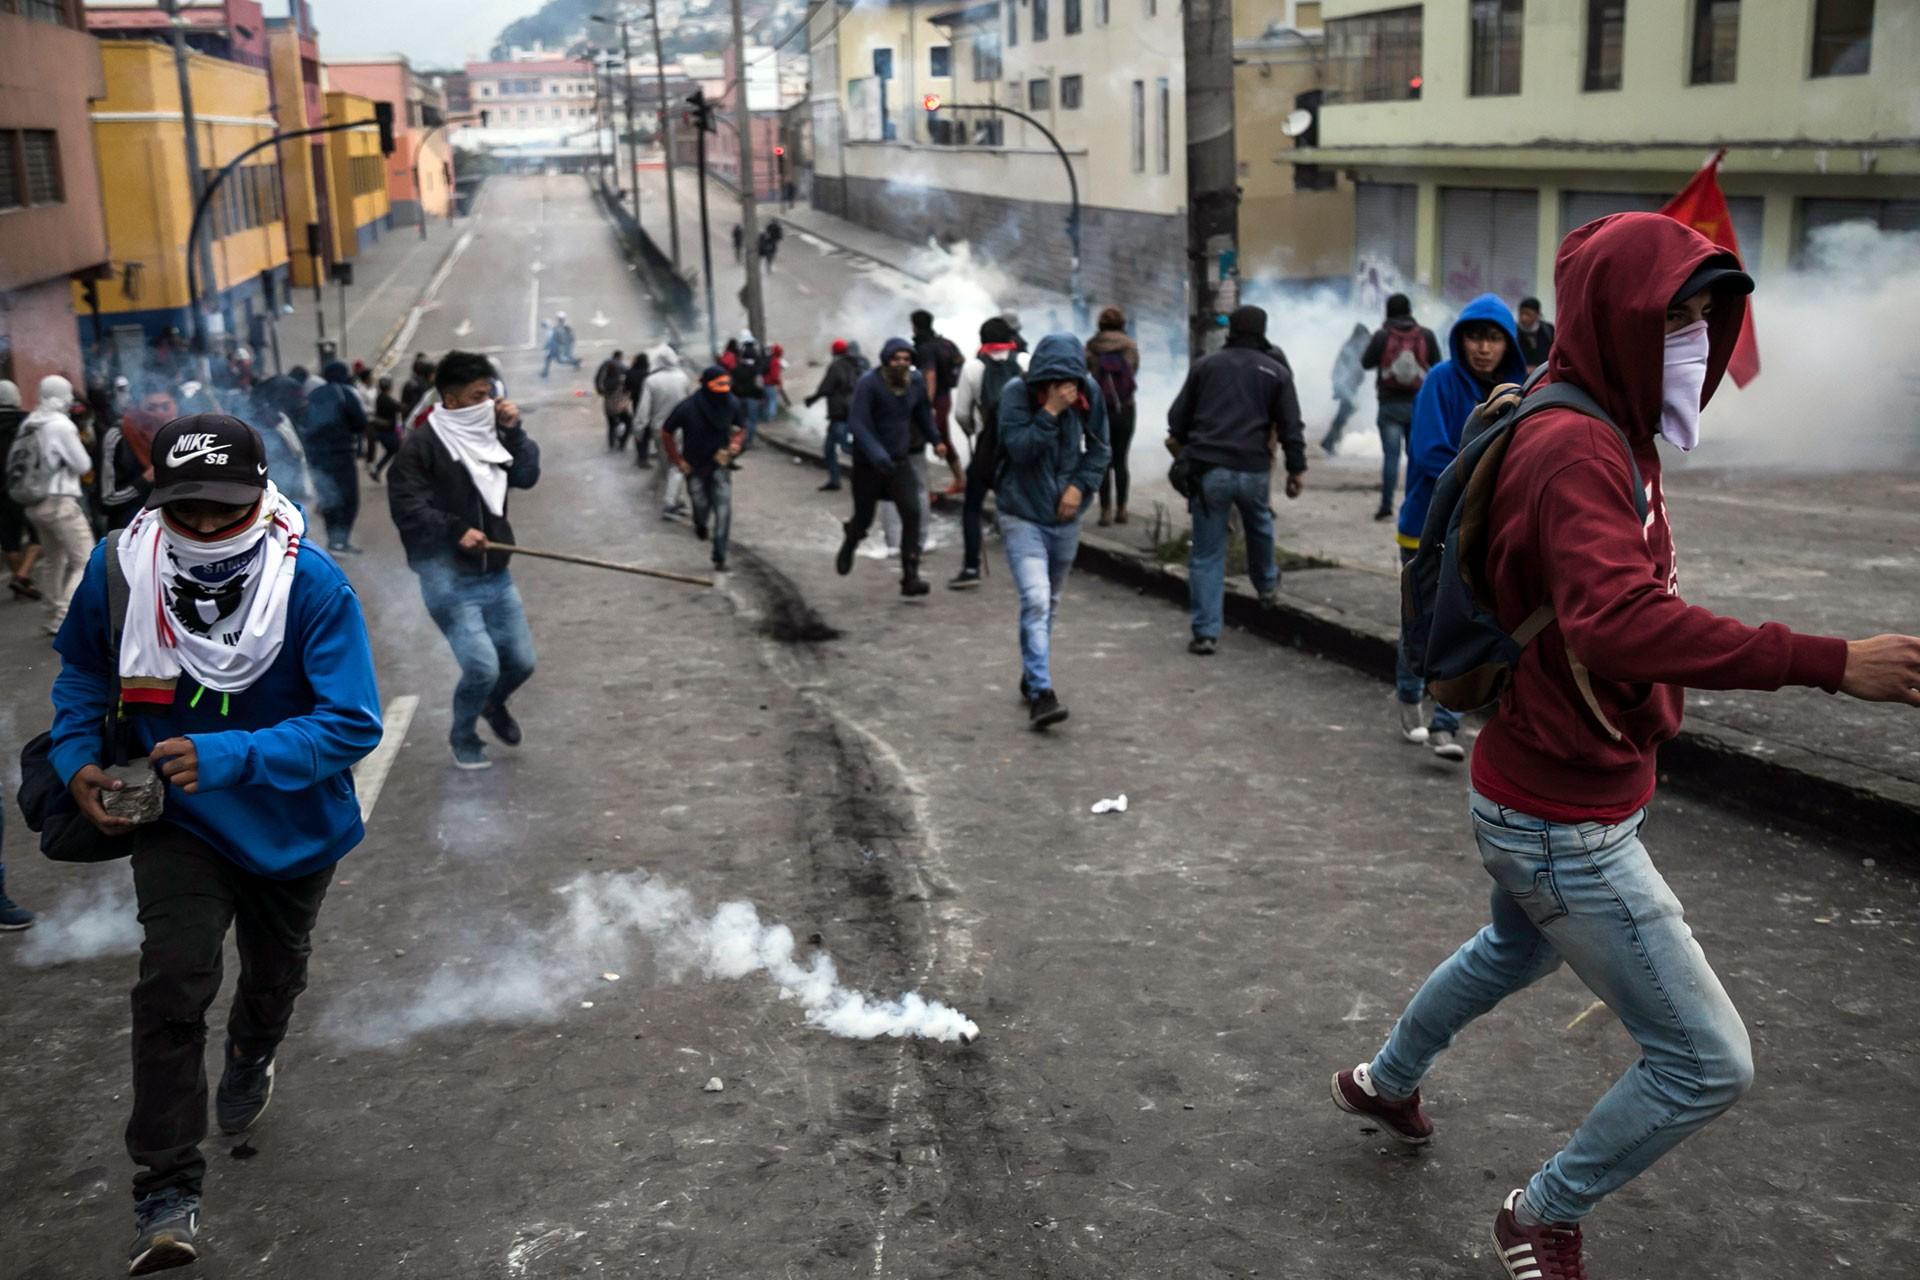 Ekvador'daki grev ve protestolarda 50 polis rehin alındı